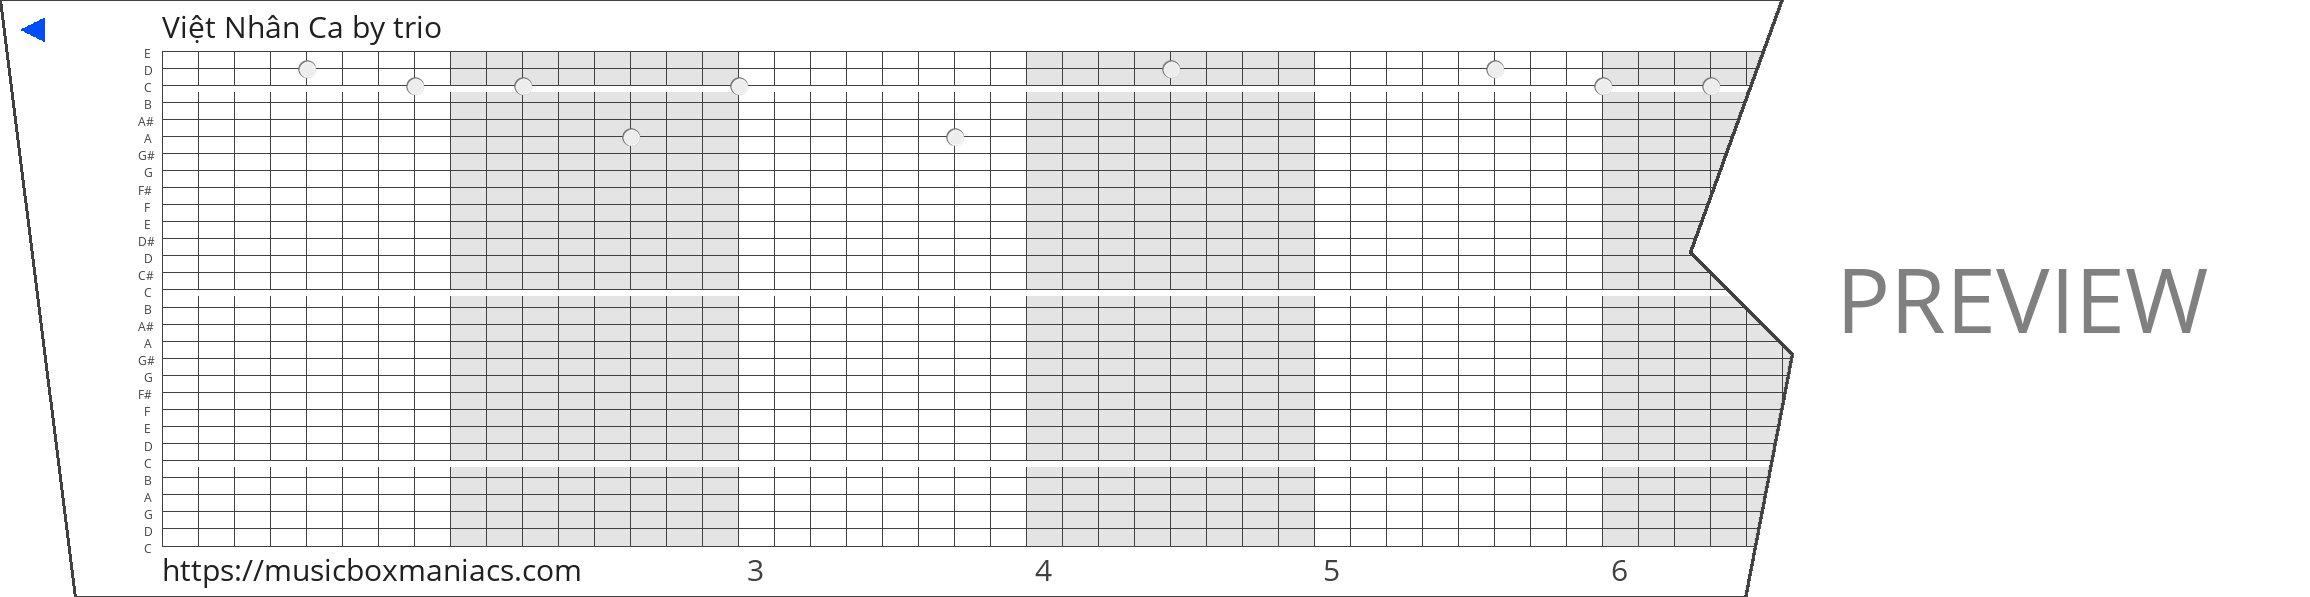 Việt Nhân Ca 30 note music box paper strip